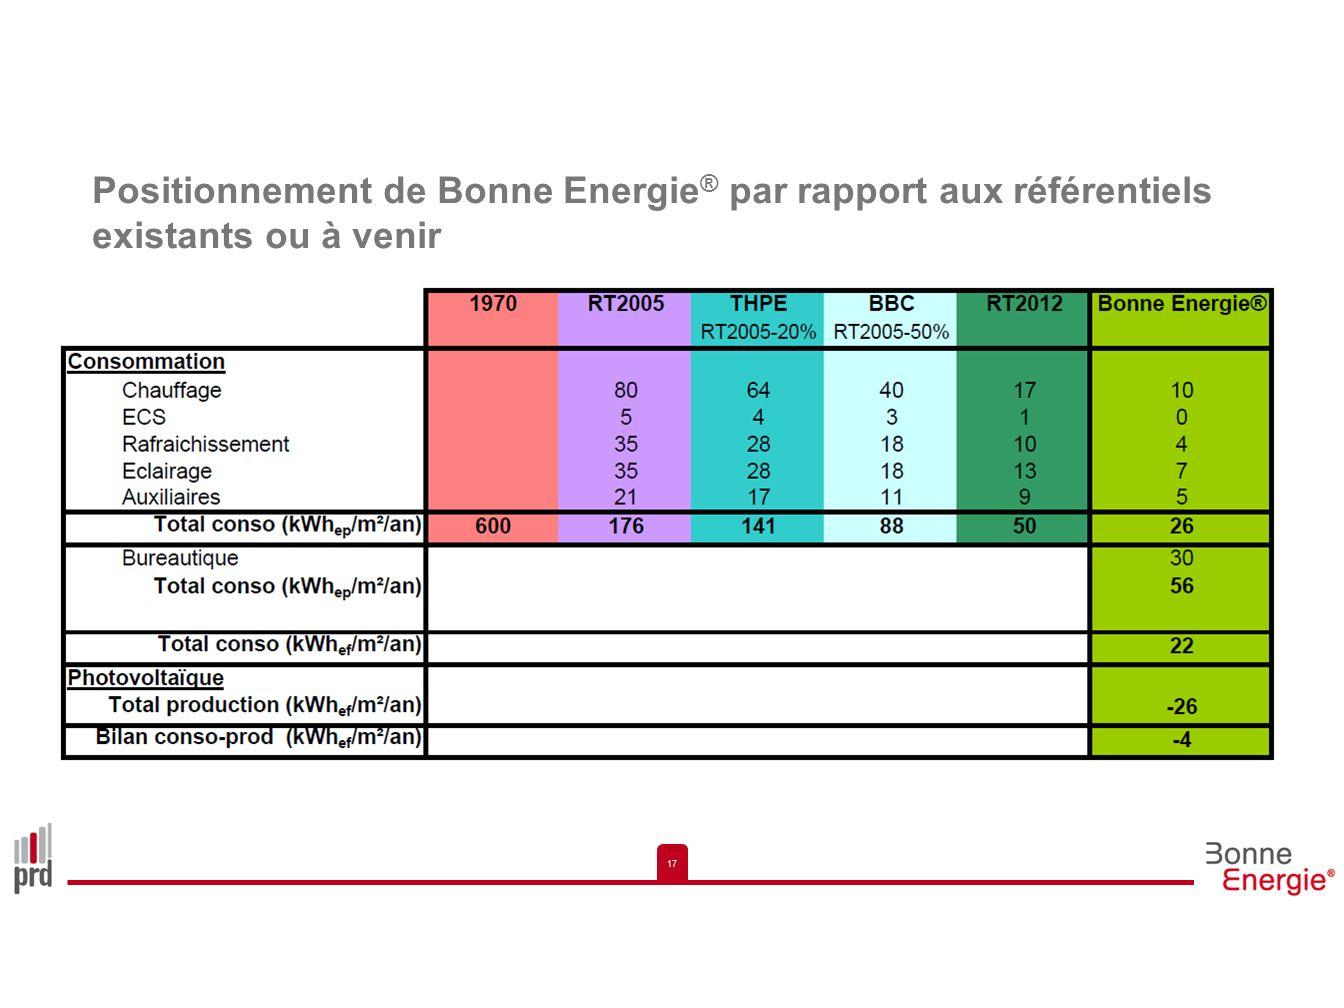 Positionnement de Bonne Energie® par rapport aux référentiels existants ou à venir